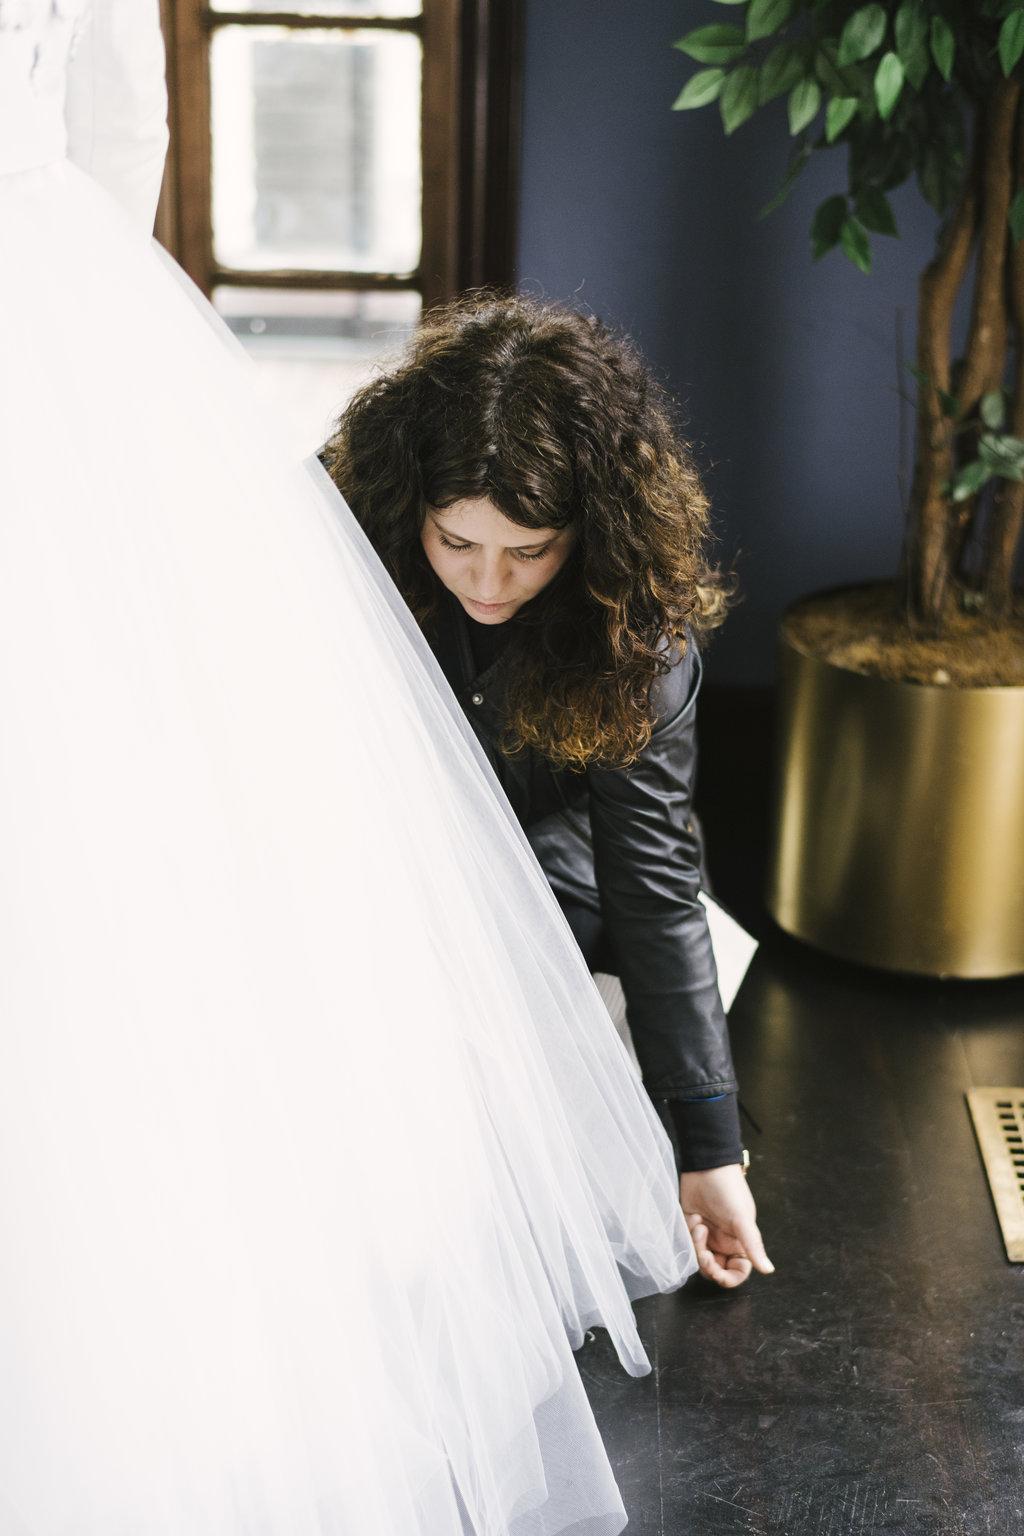 Nathalie Kraynina Bride At The Big Fake WeddingAliciaKingPhotographyBigFakeWedding035.jpg